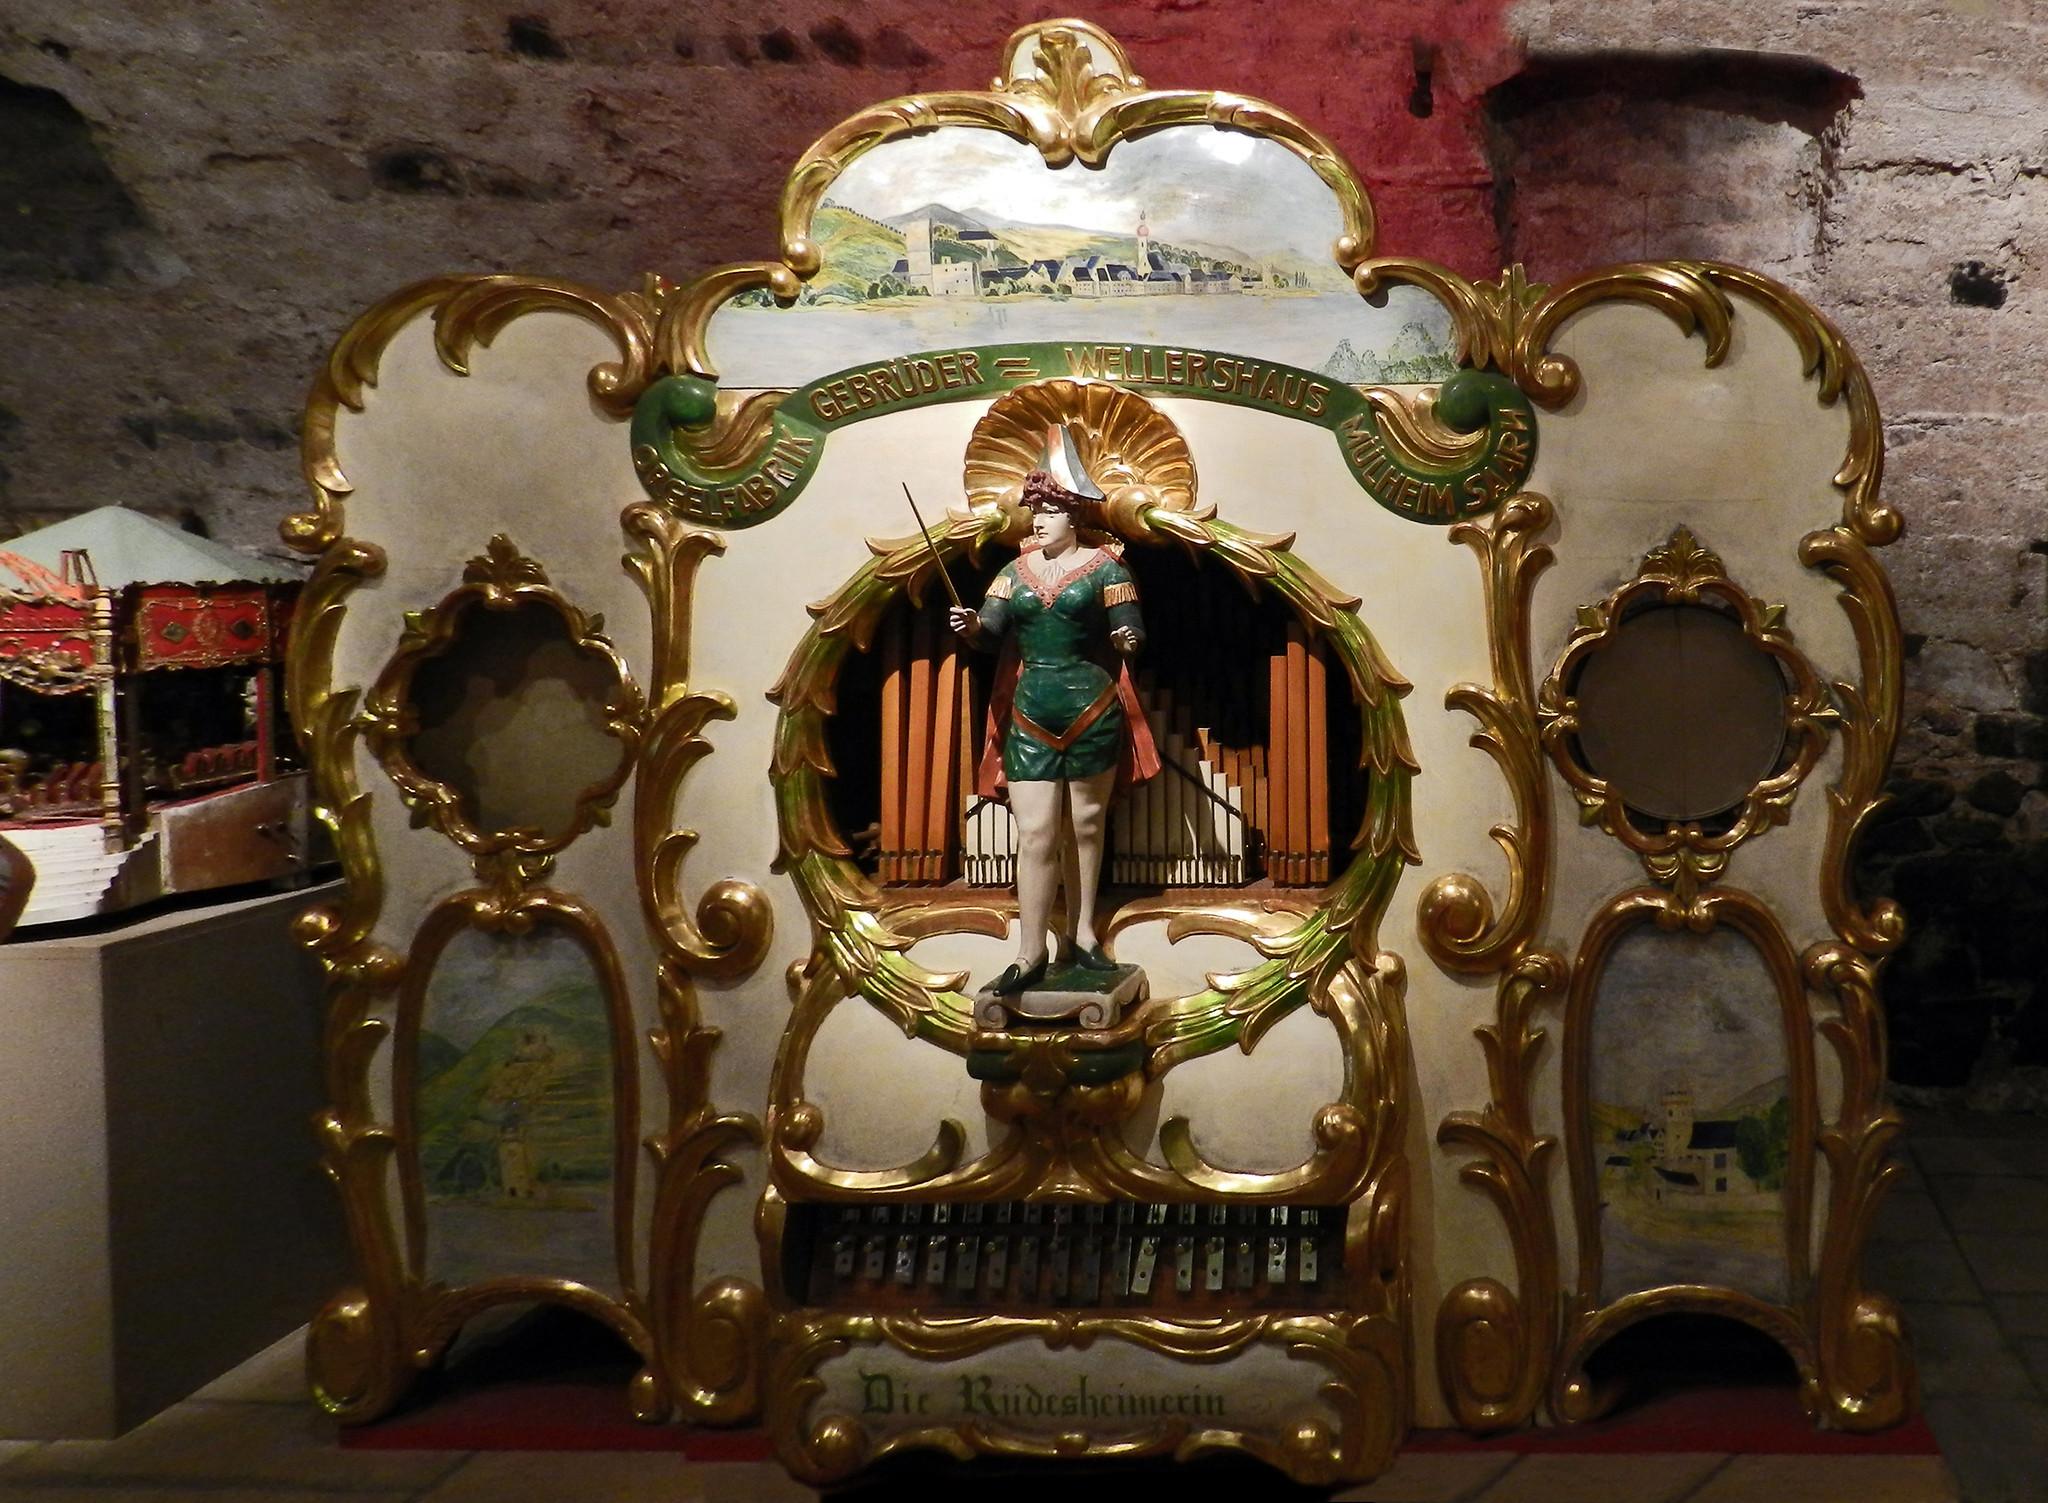 organo de feria Gebrüder Wellesrshaus Mulheim Saarn museo Gabinete de Musica Mecanica de Siegfried Siegfried's Mechanical Museum Rudesheim Alemania